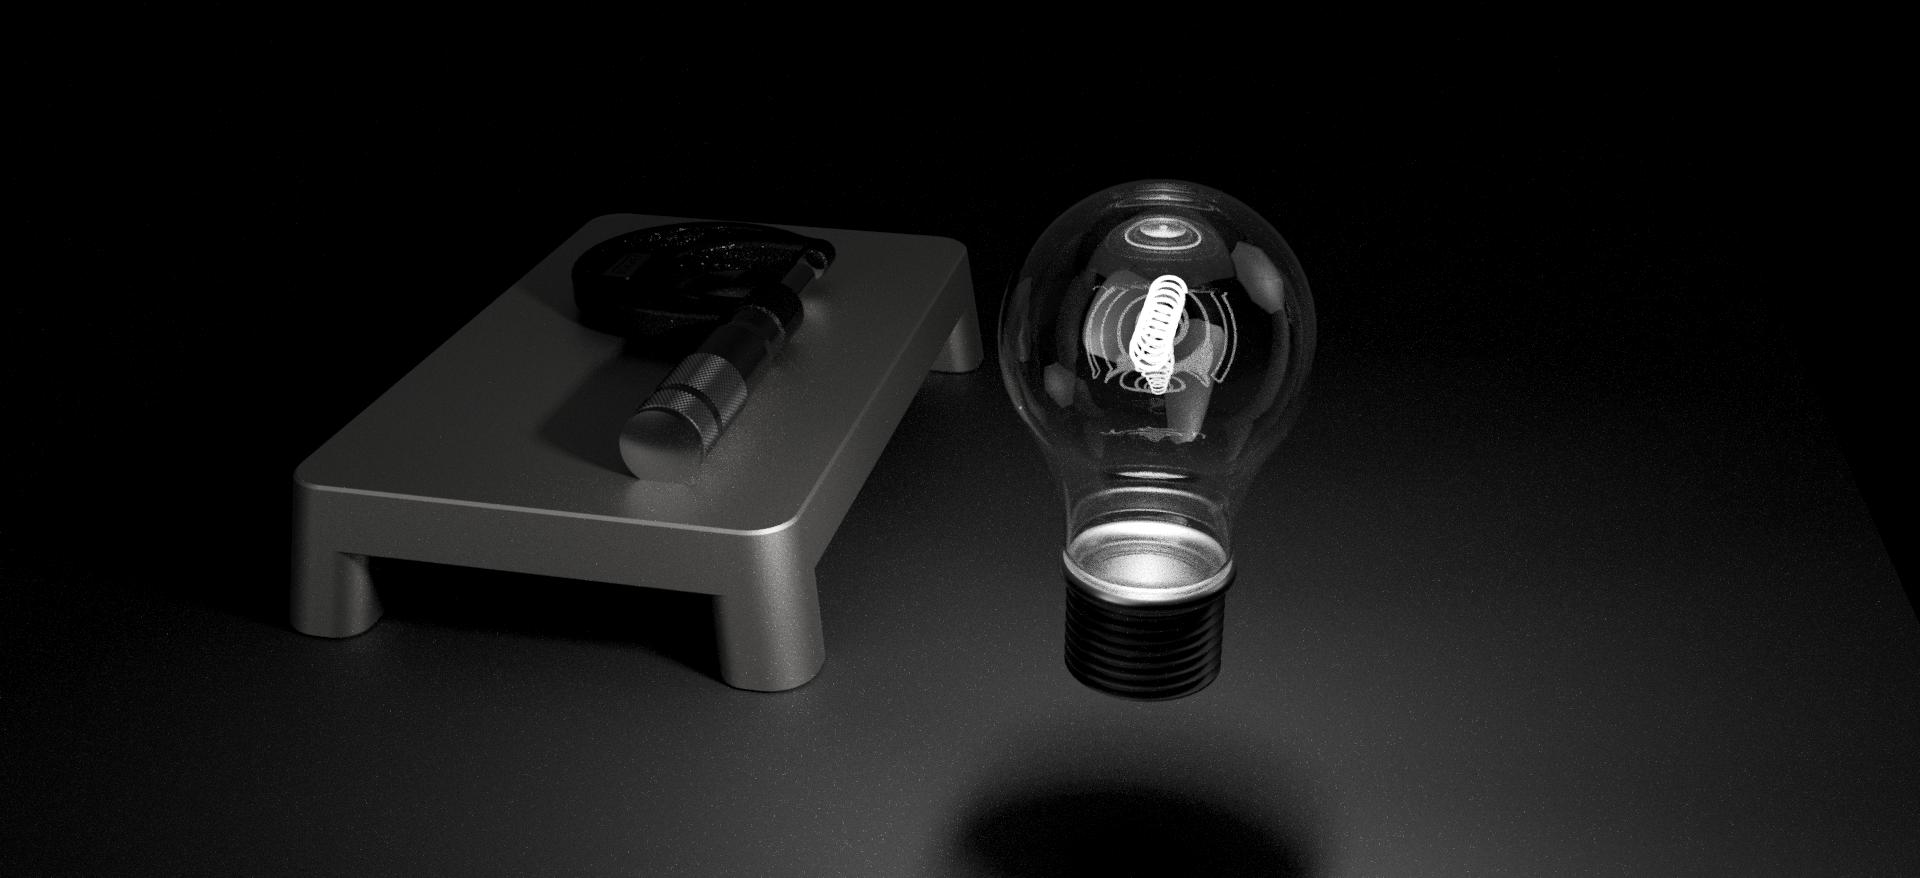 7 - Lightbulb